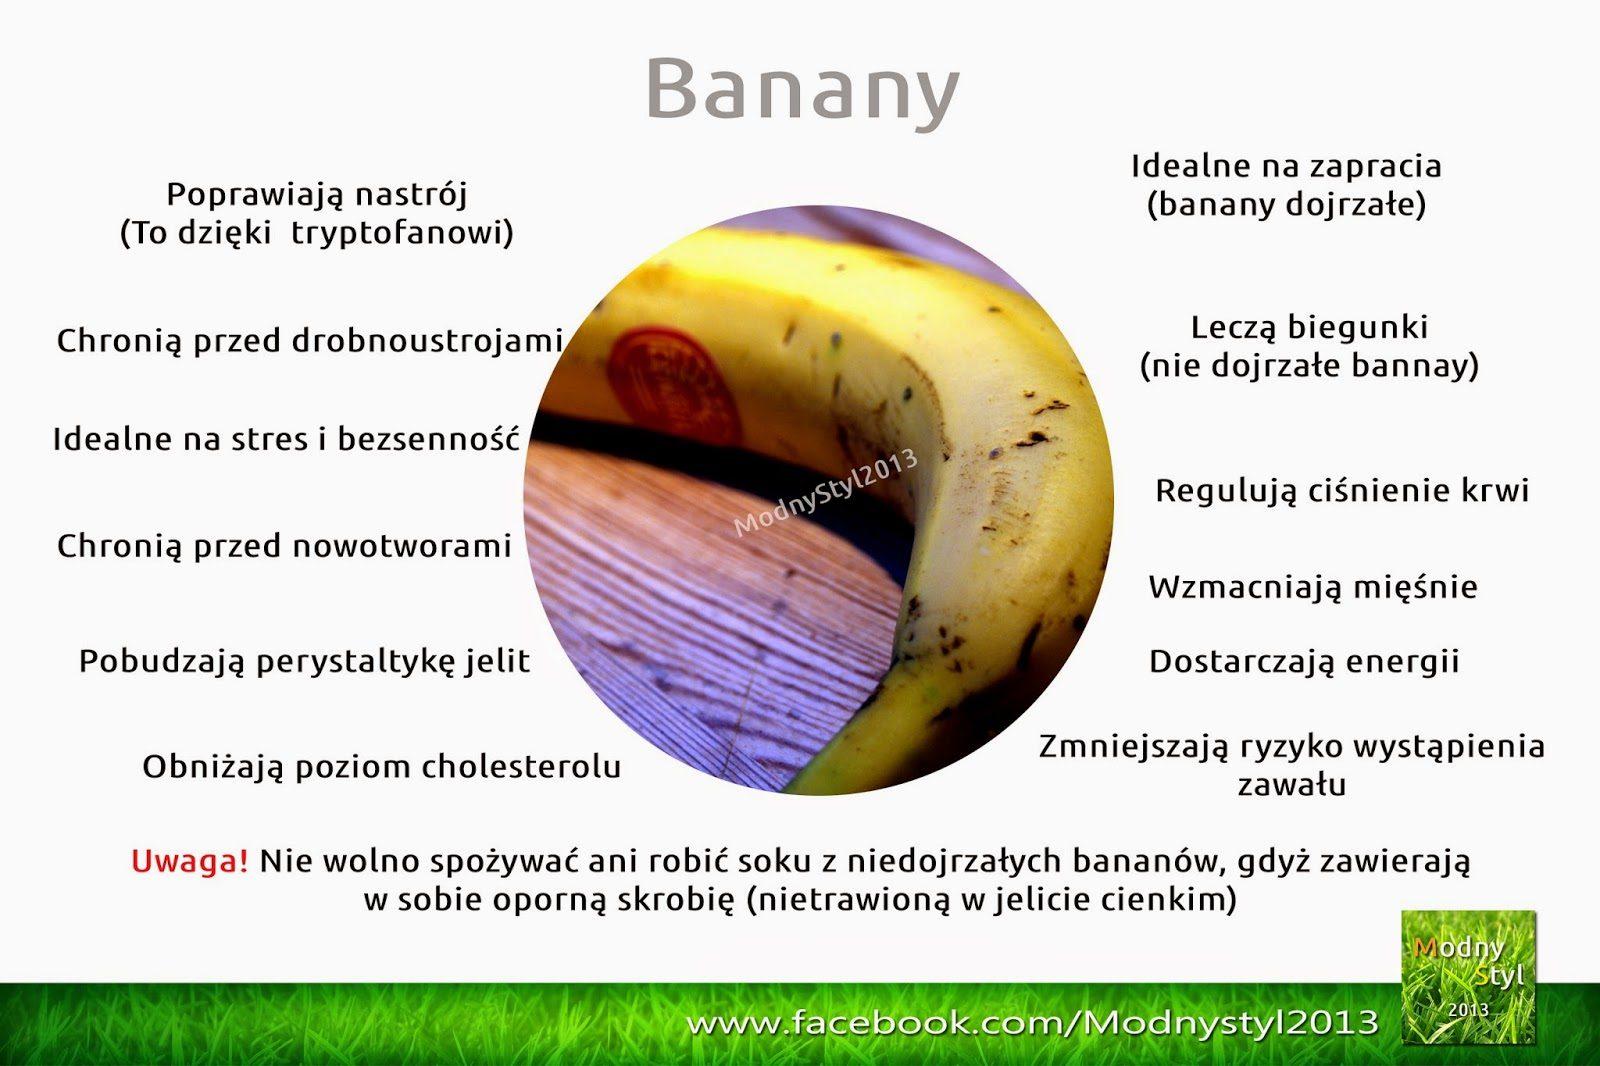 banany-4298915